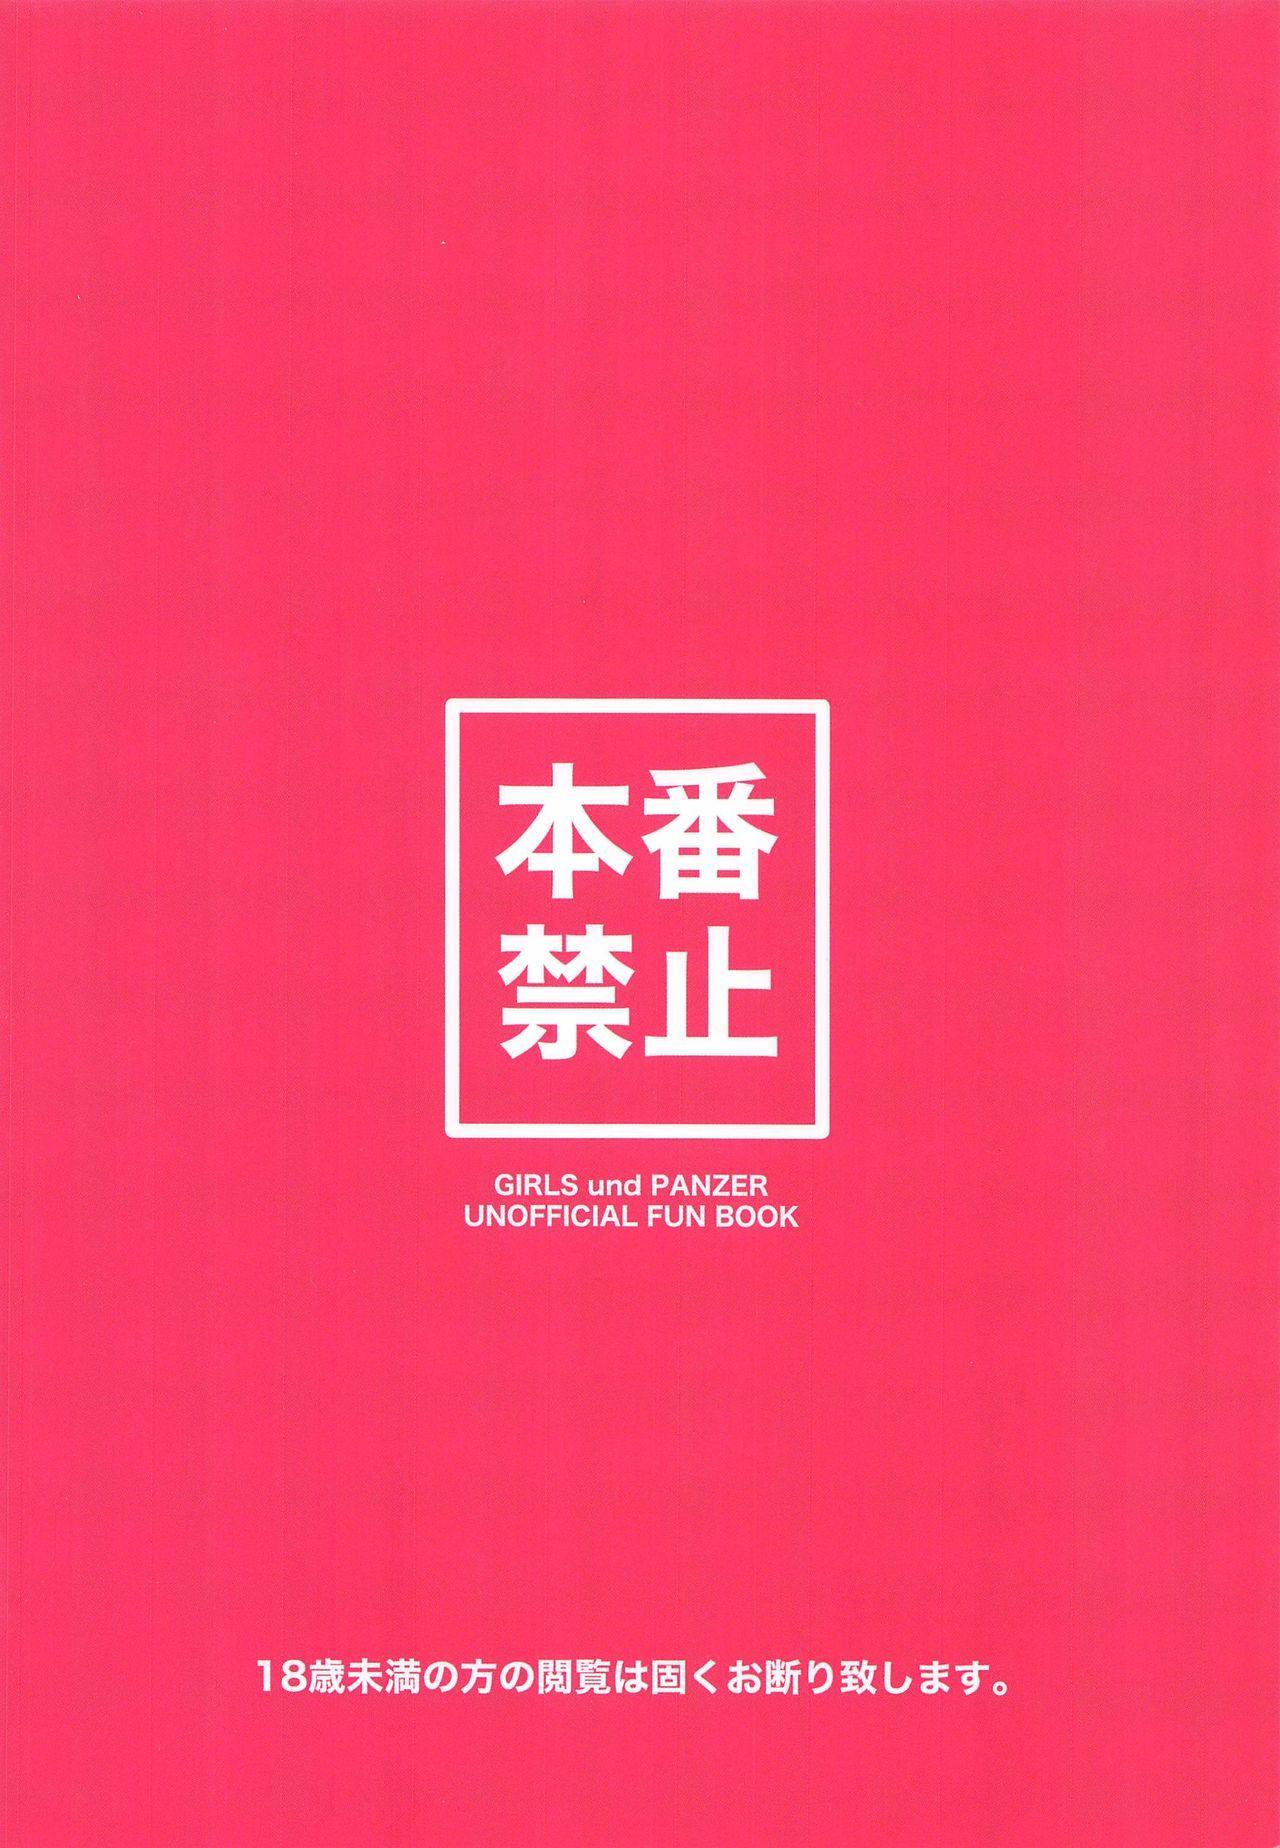 [Ruruepa Animato (Ruruepa)] No. 2 PinSalo-jou Arisu-chan (Girls und Panzer) 29